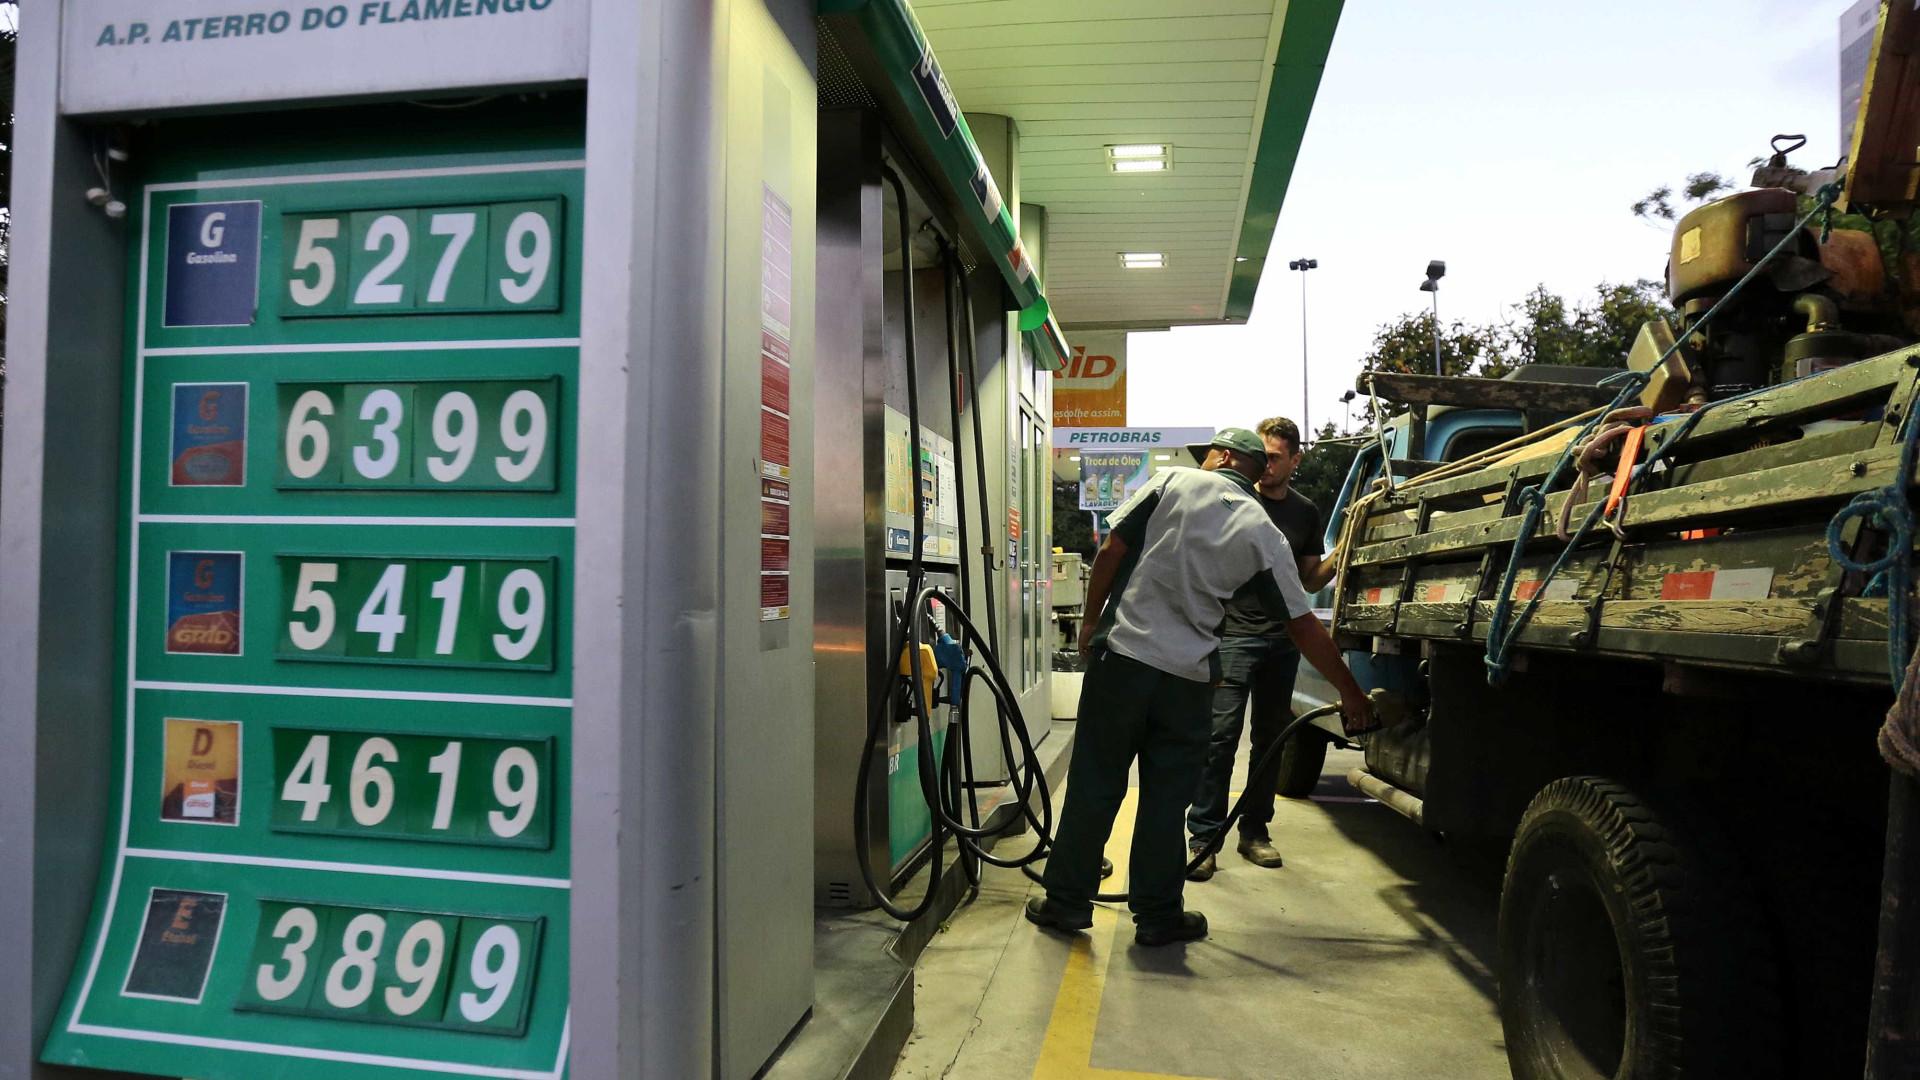 Preço do diesel parou de cair no país, diz agência nacional do petróleo